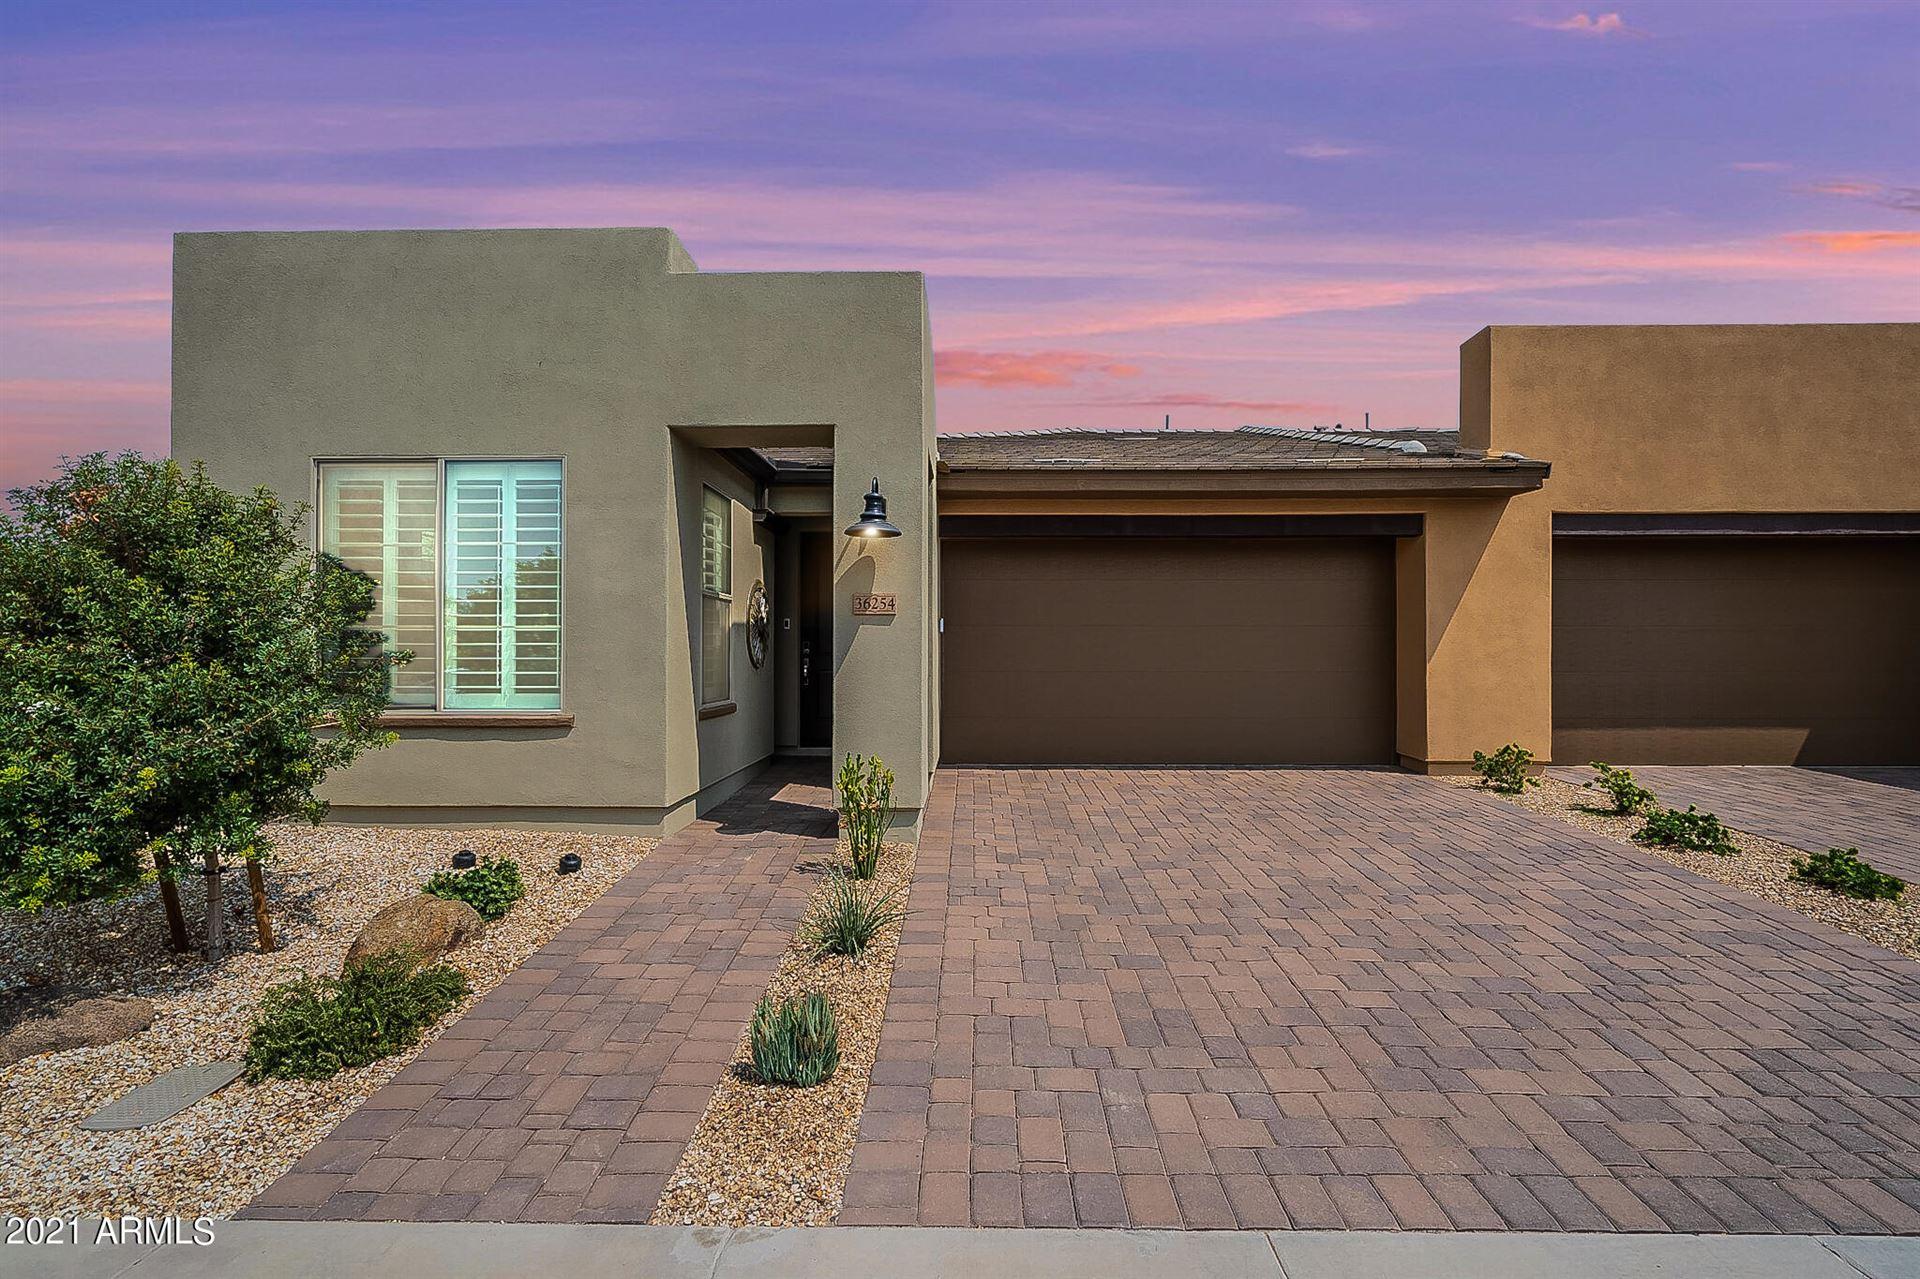 Photo of 36254 N DESERT TEA Drive, Queen Creek, AZ 85140 (MLS # 6267810)